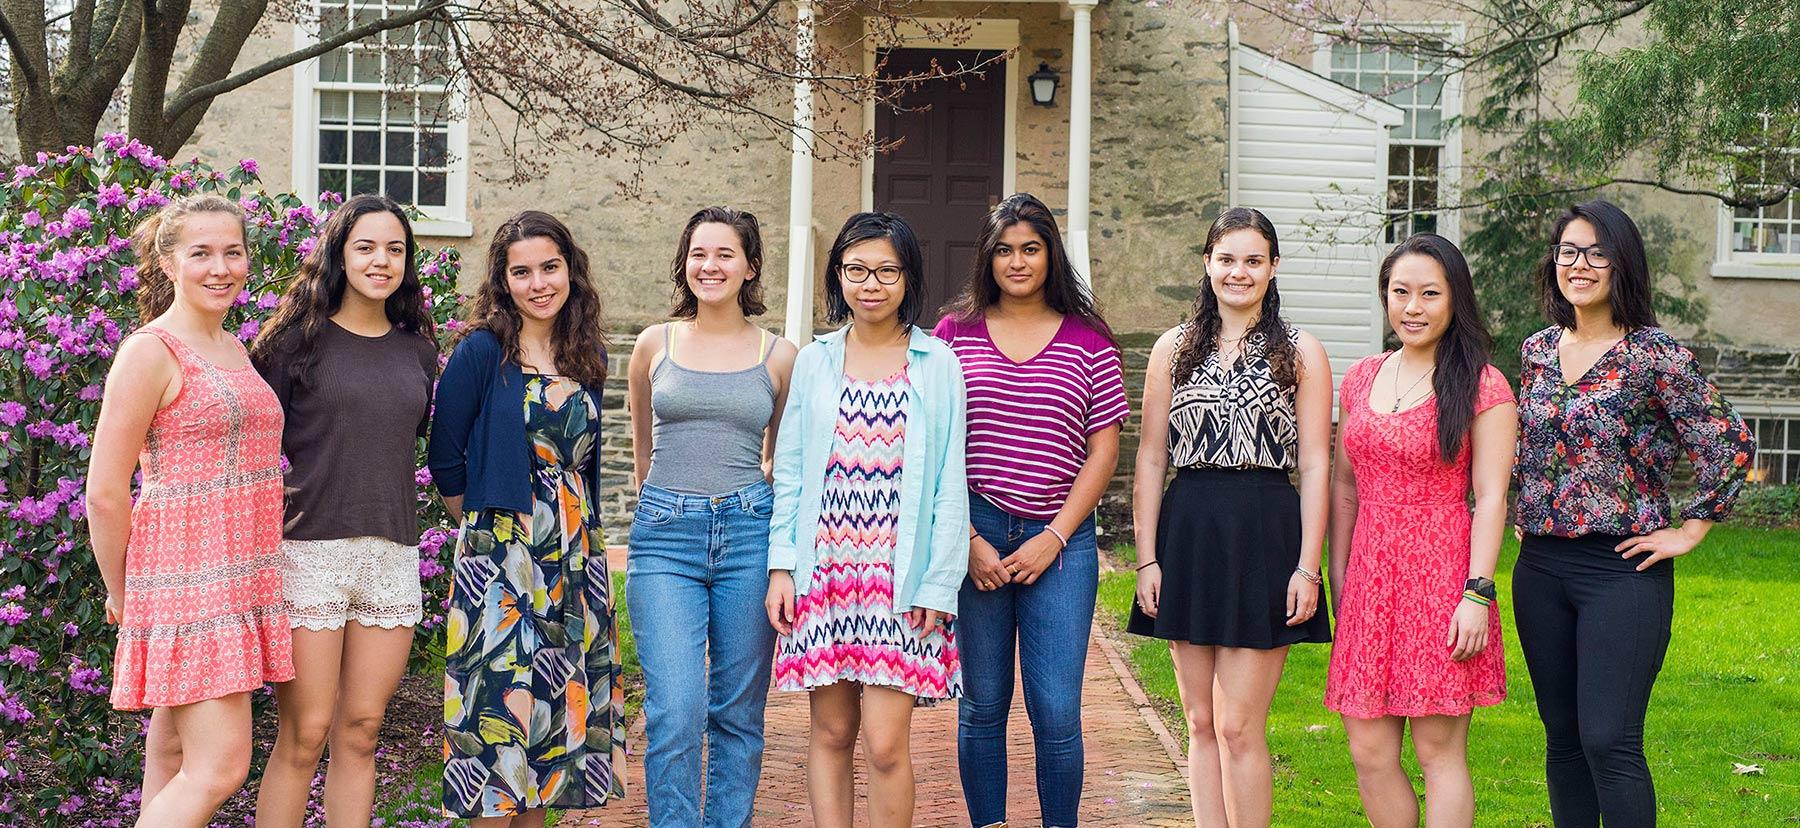 Members of Women in STEM